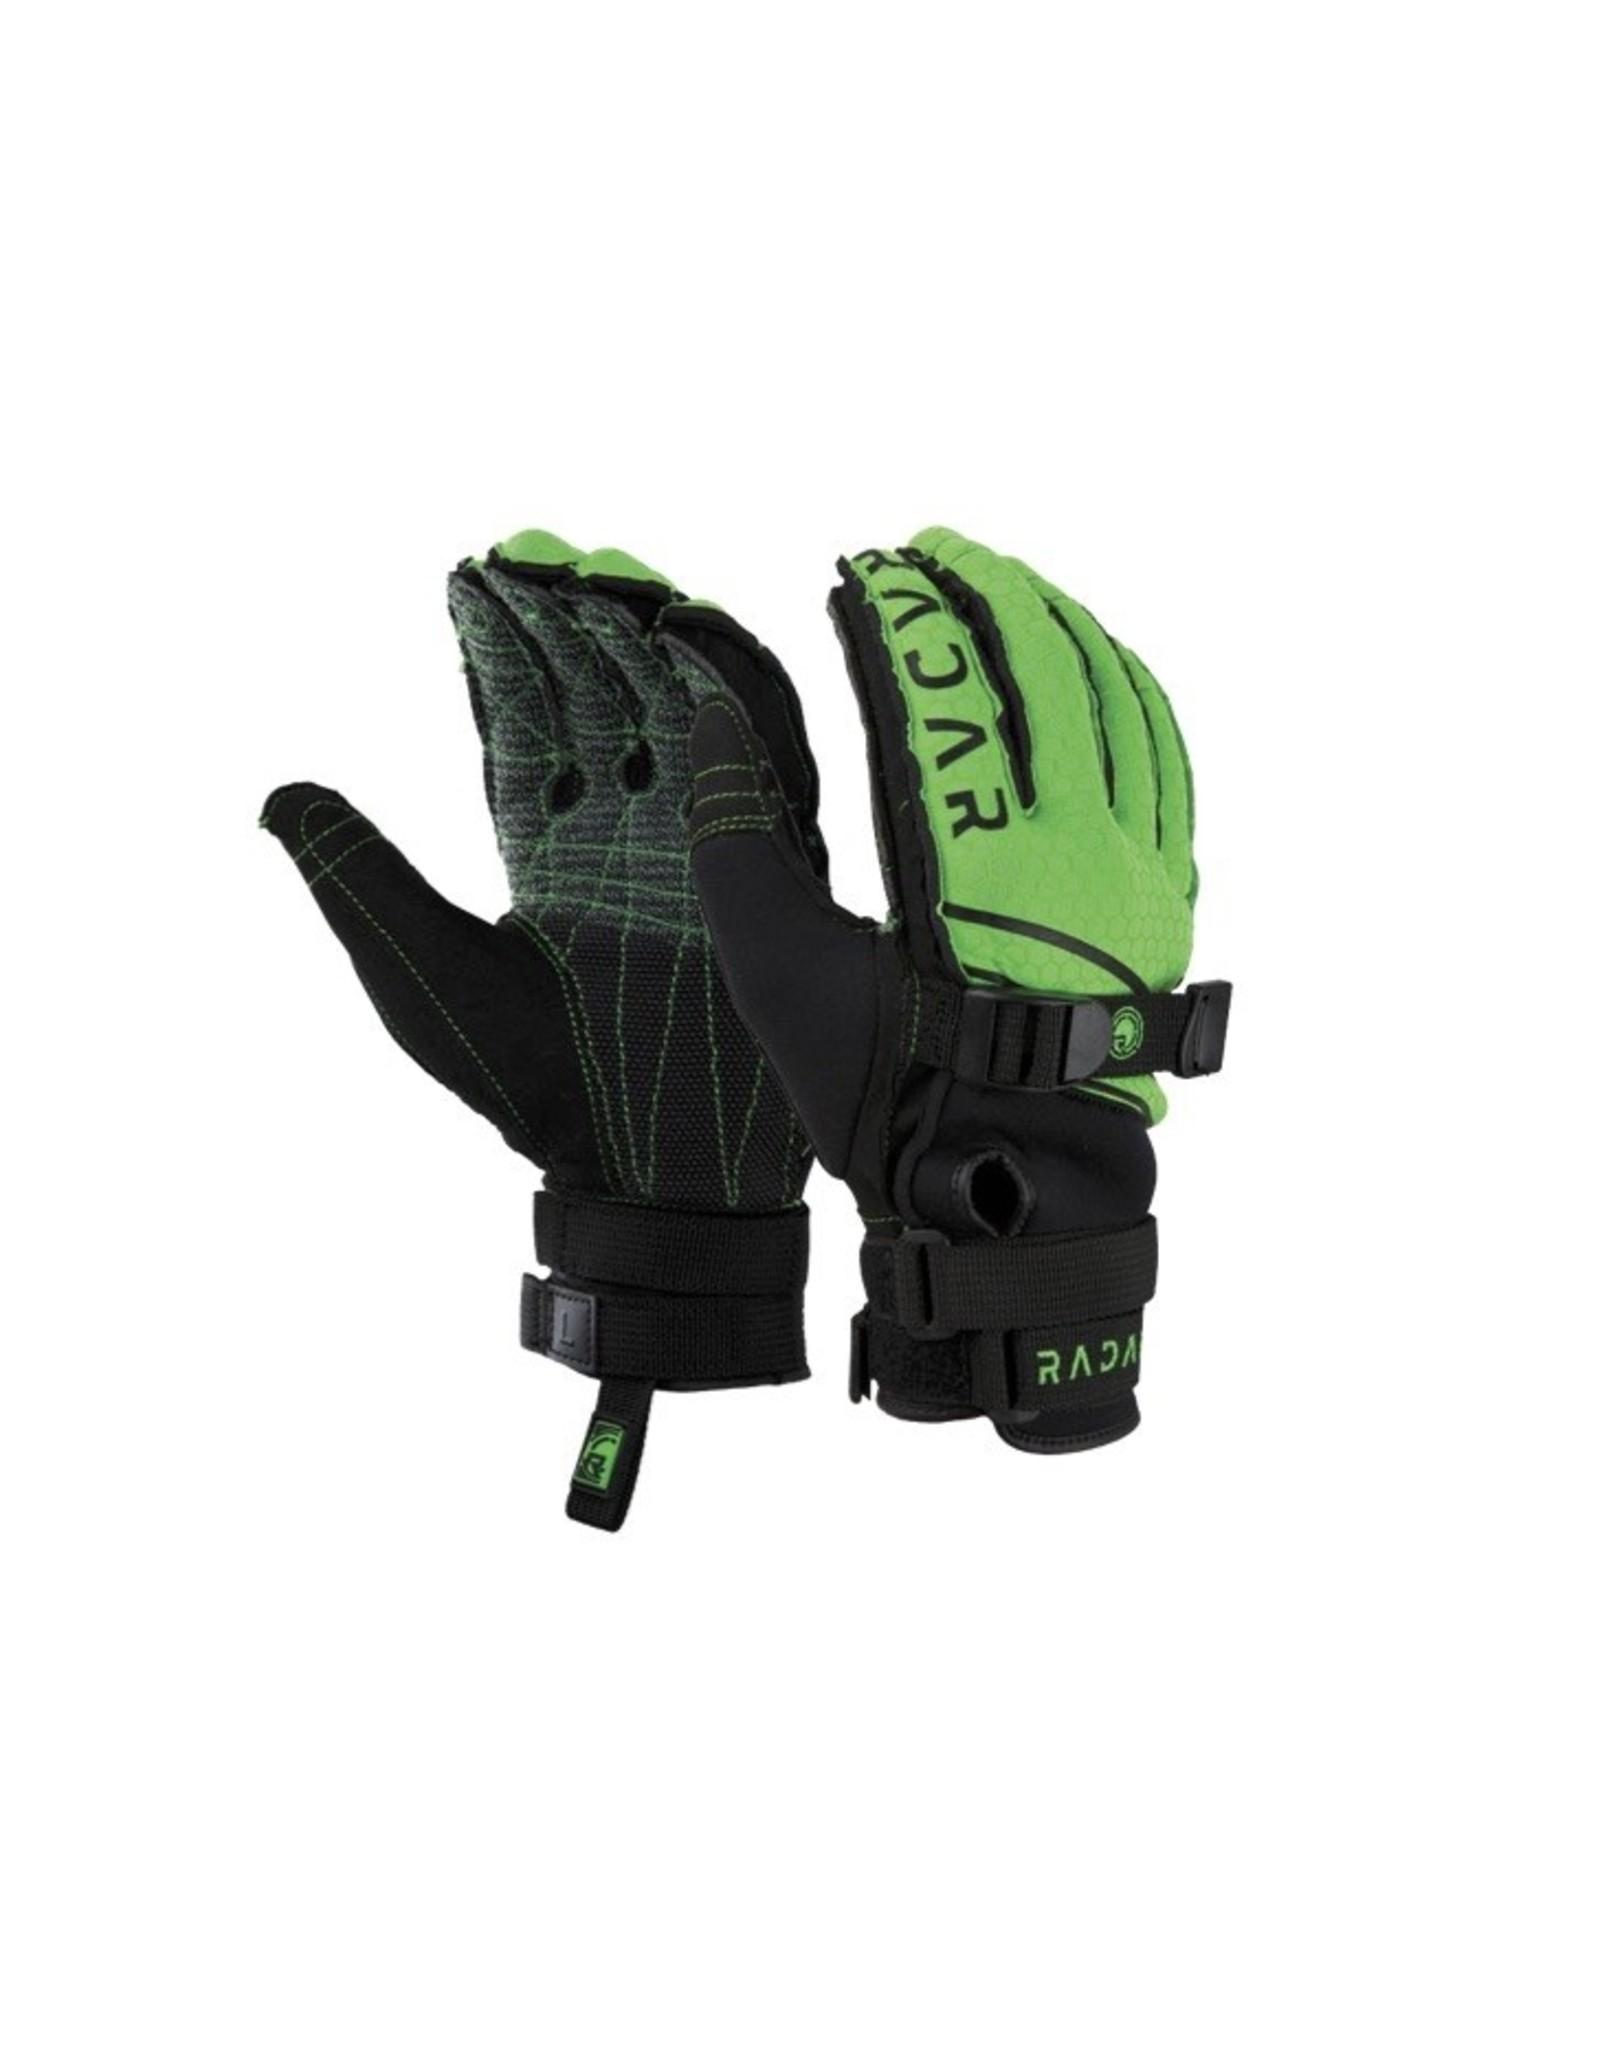 Radar Ergo-K Inside-Out Glove 2019